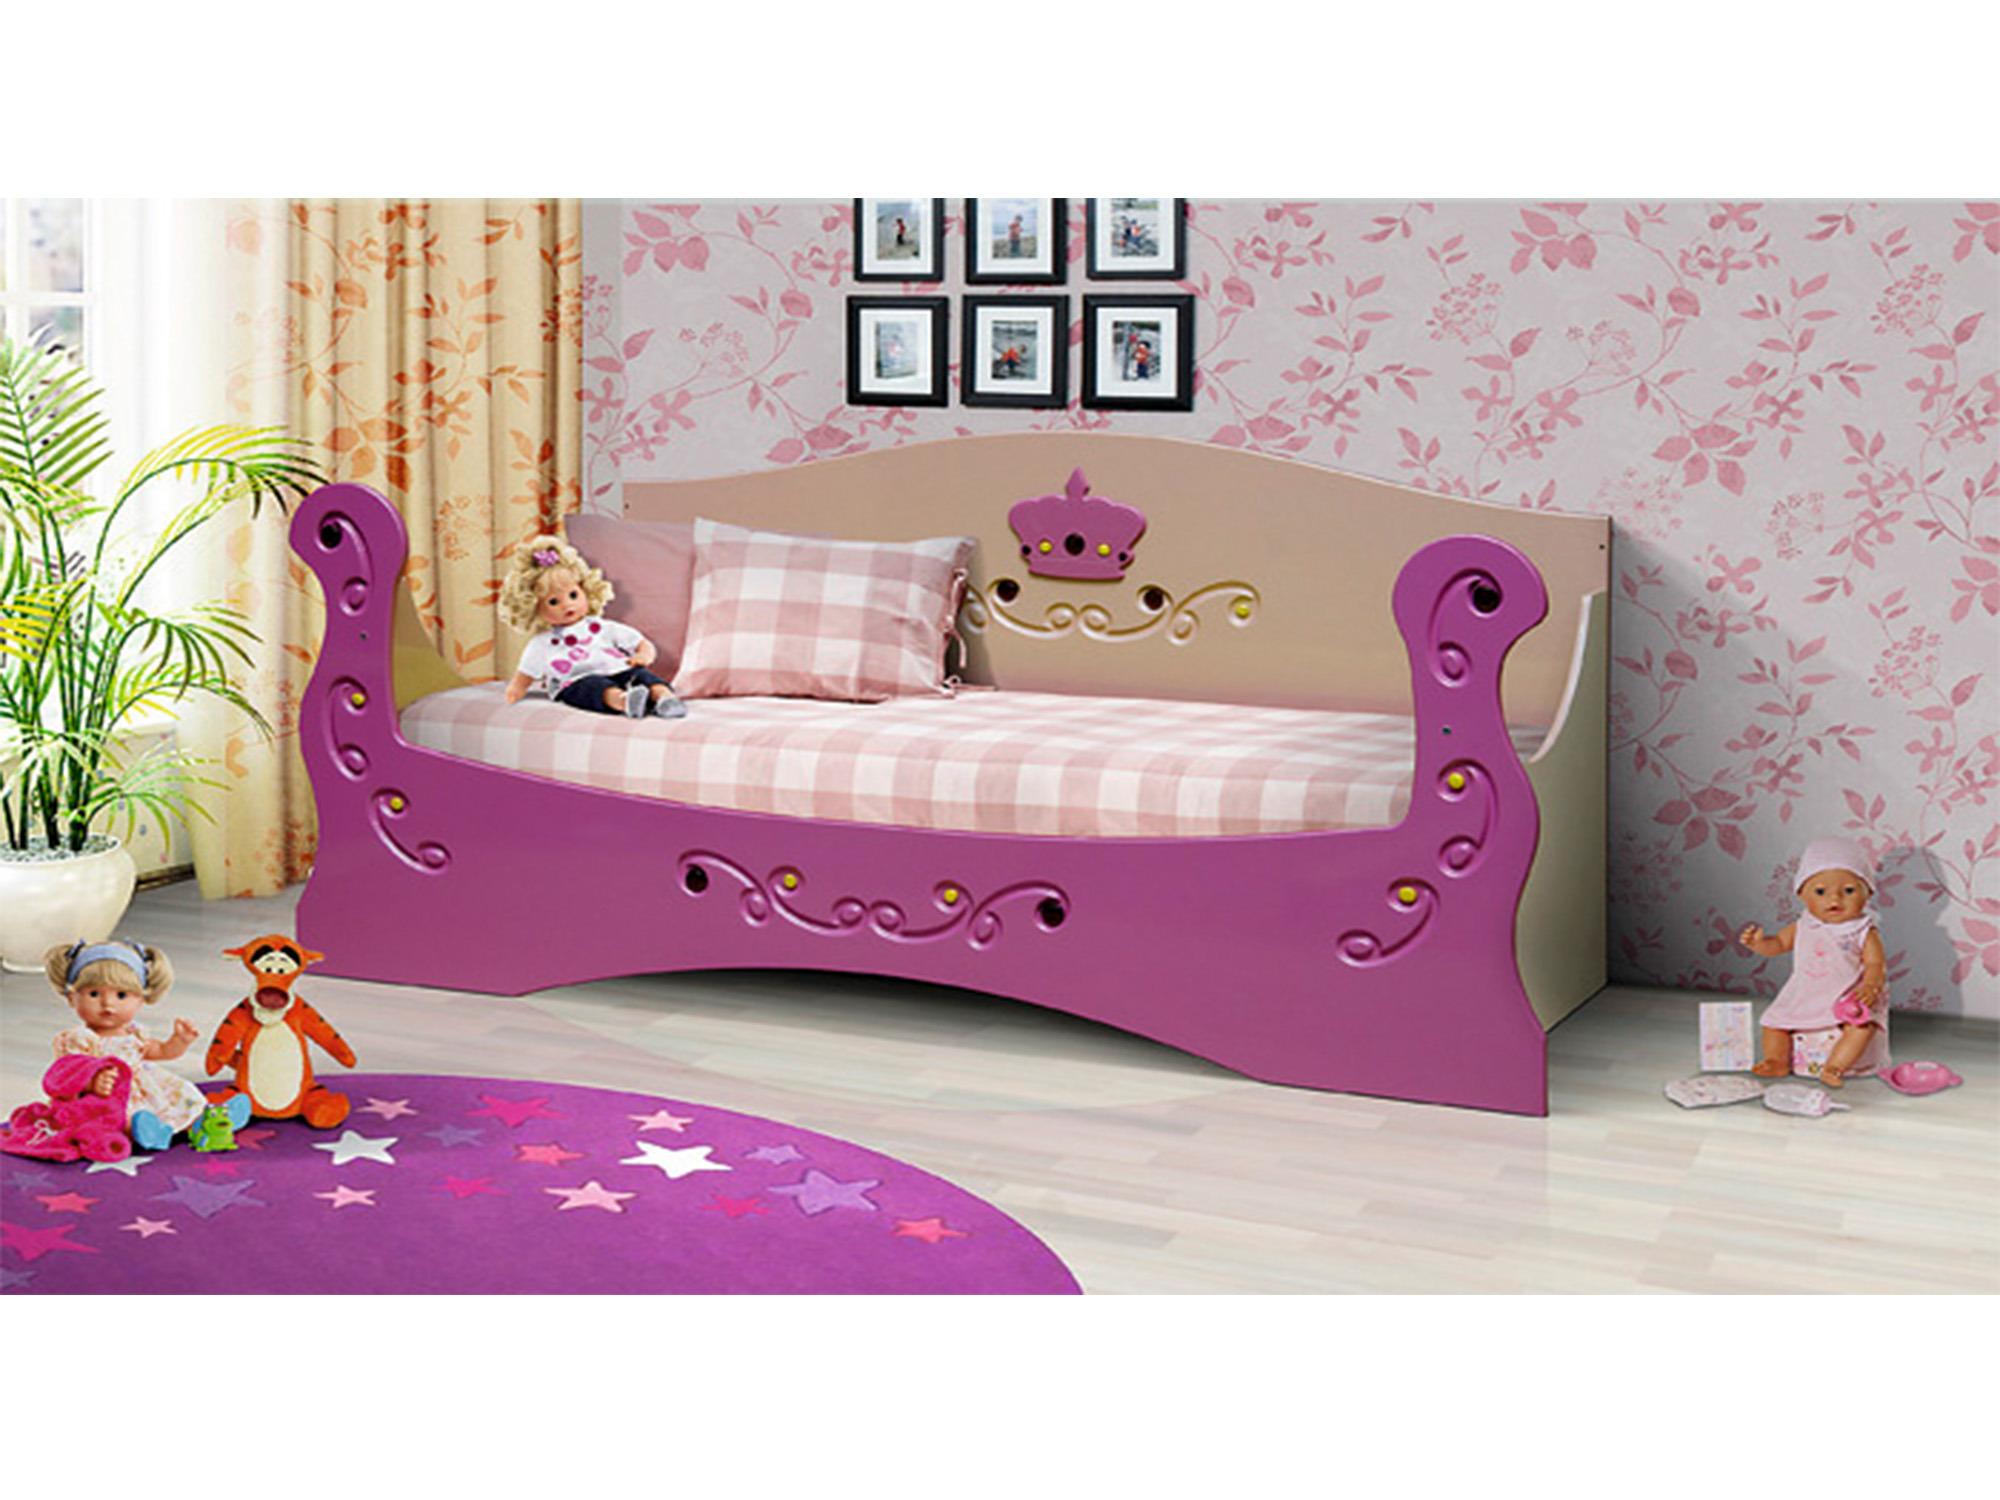 Кровать КоролеваДетские кровати<br><br><br>Длина мм: 1990<br>Высота мм: 930<br>Глубина мм: 840